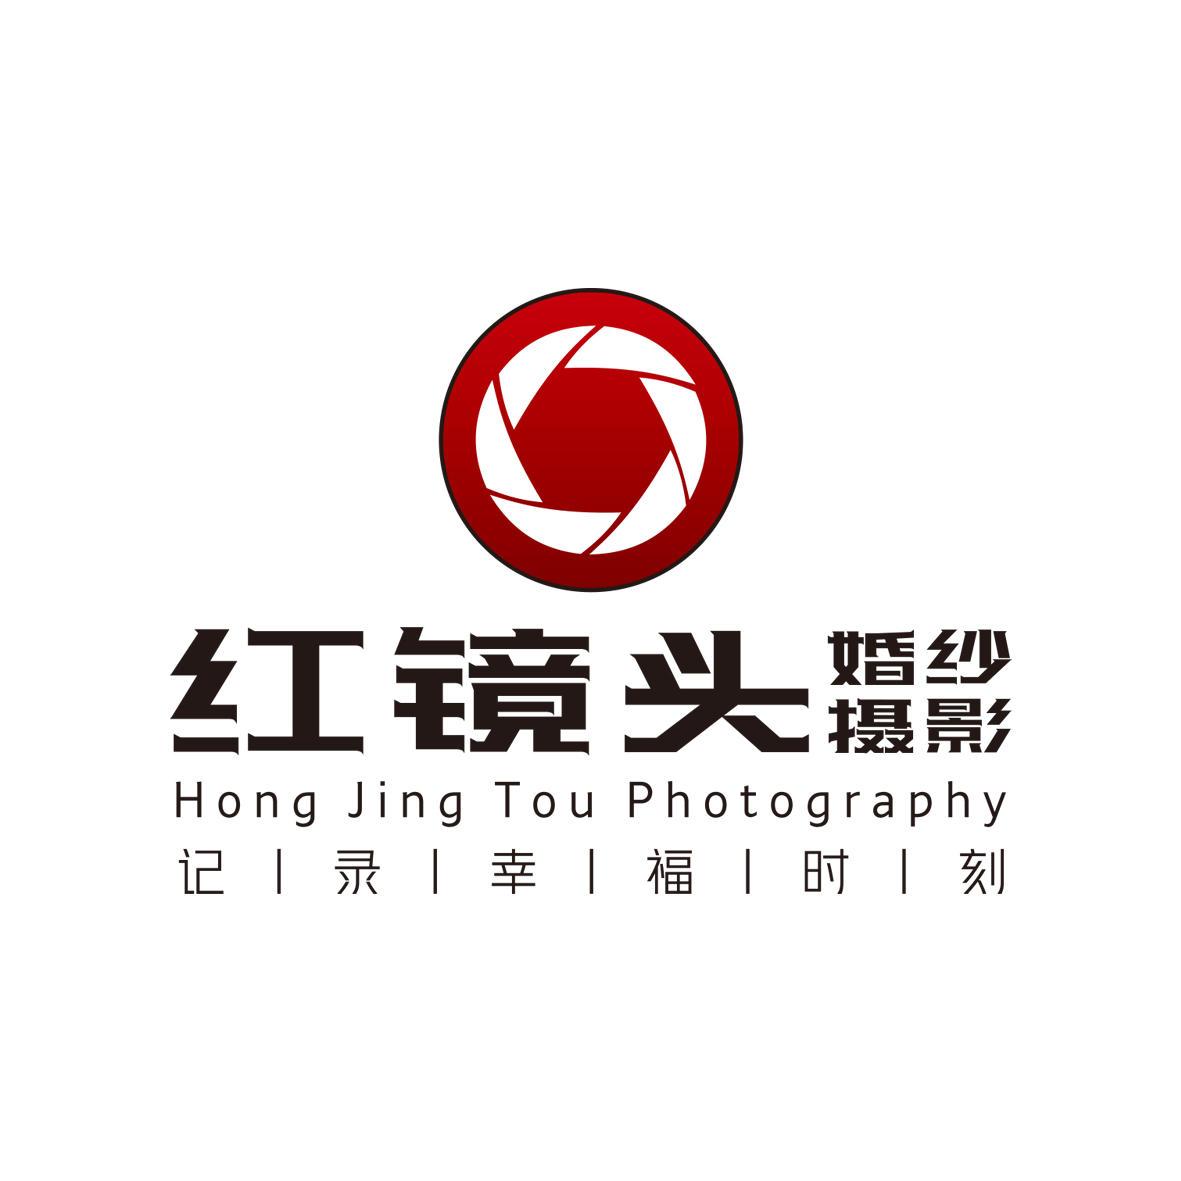 红镜头婚纱摄影(龙湖中学店)